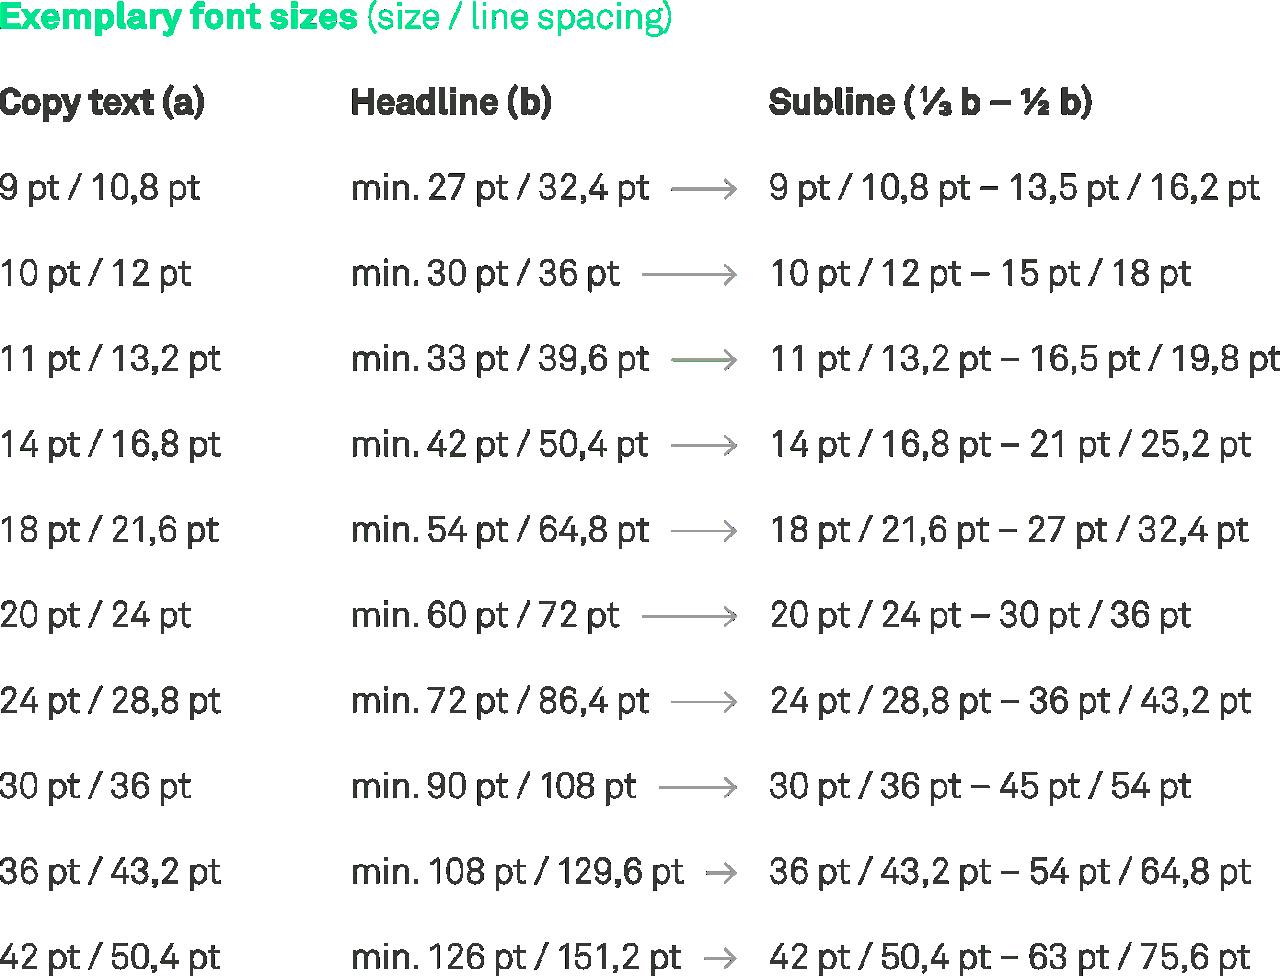 Skytra Font Sizing